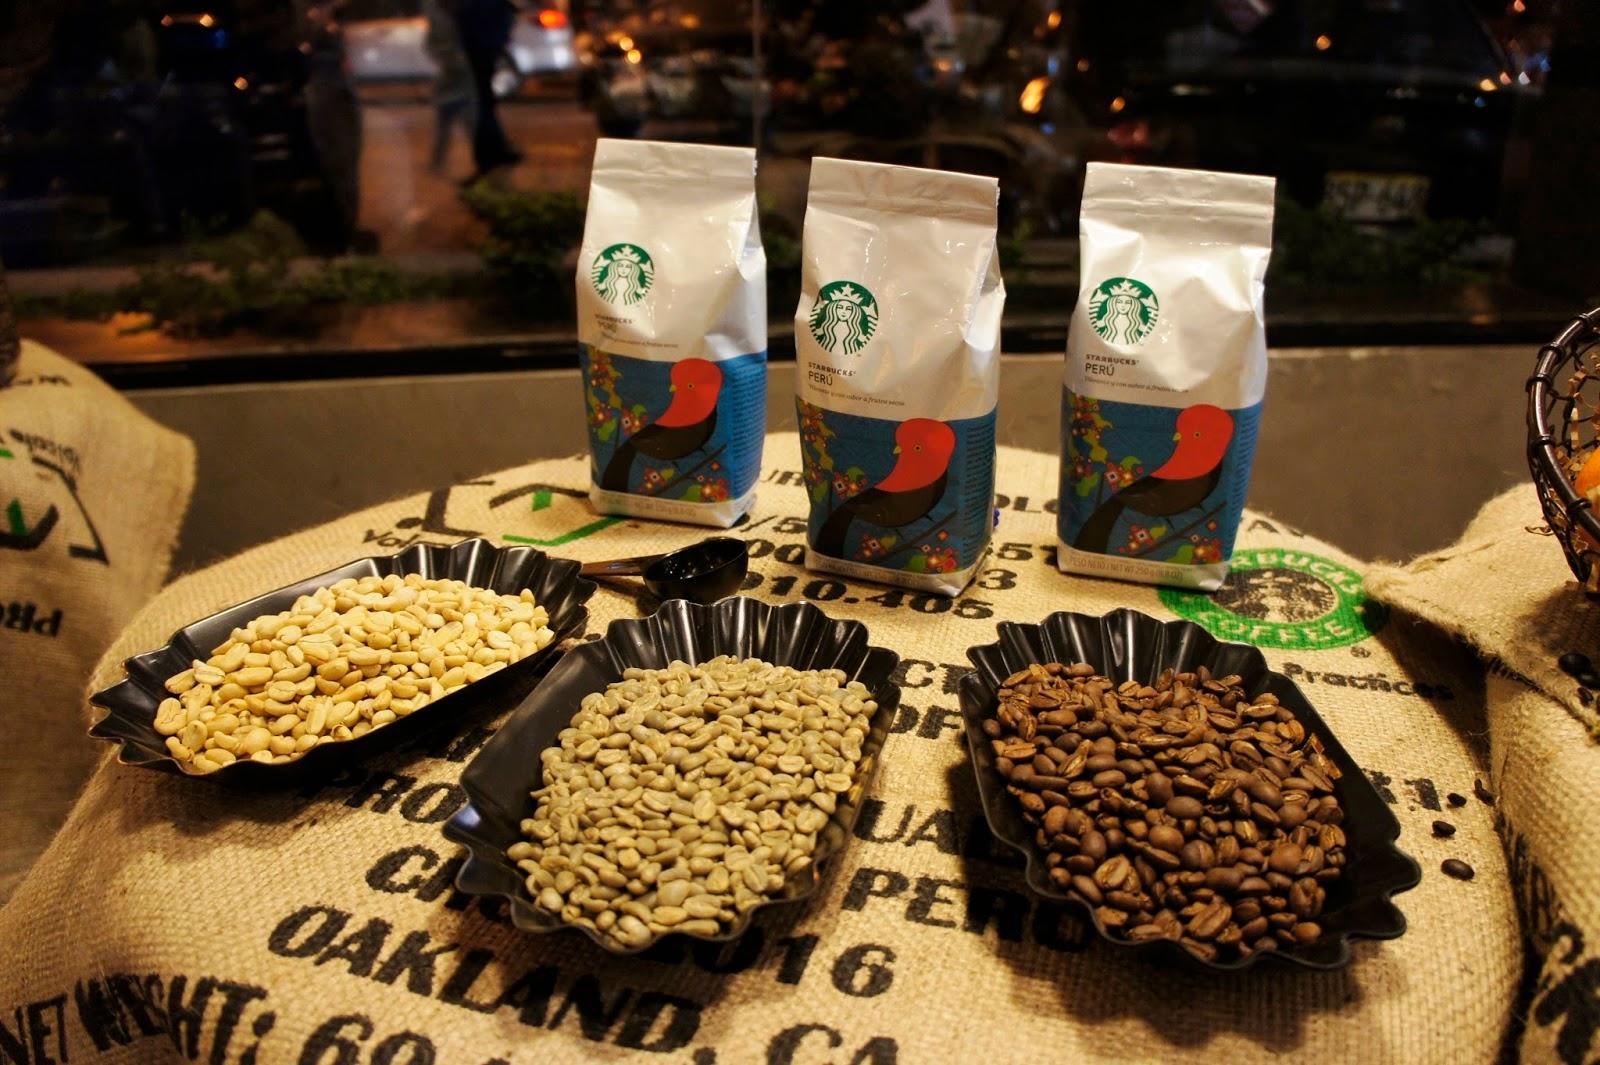 Café Peruano, Perú, Starbucks